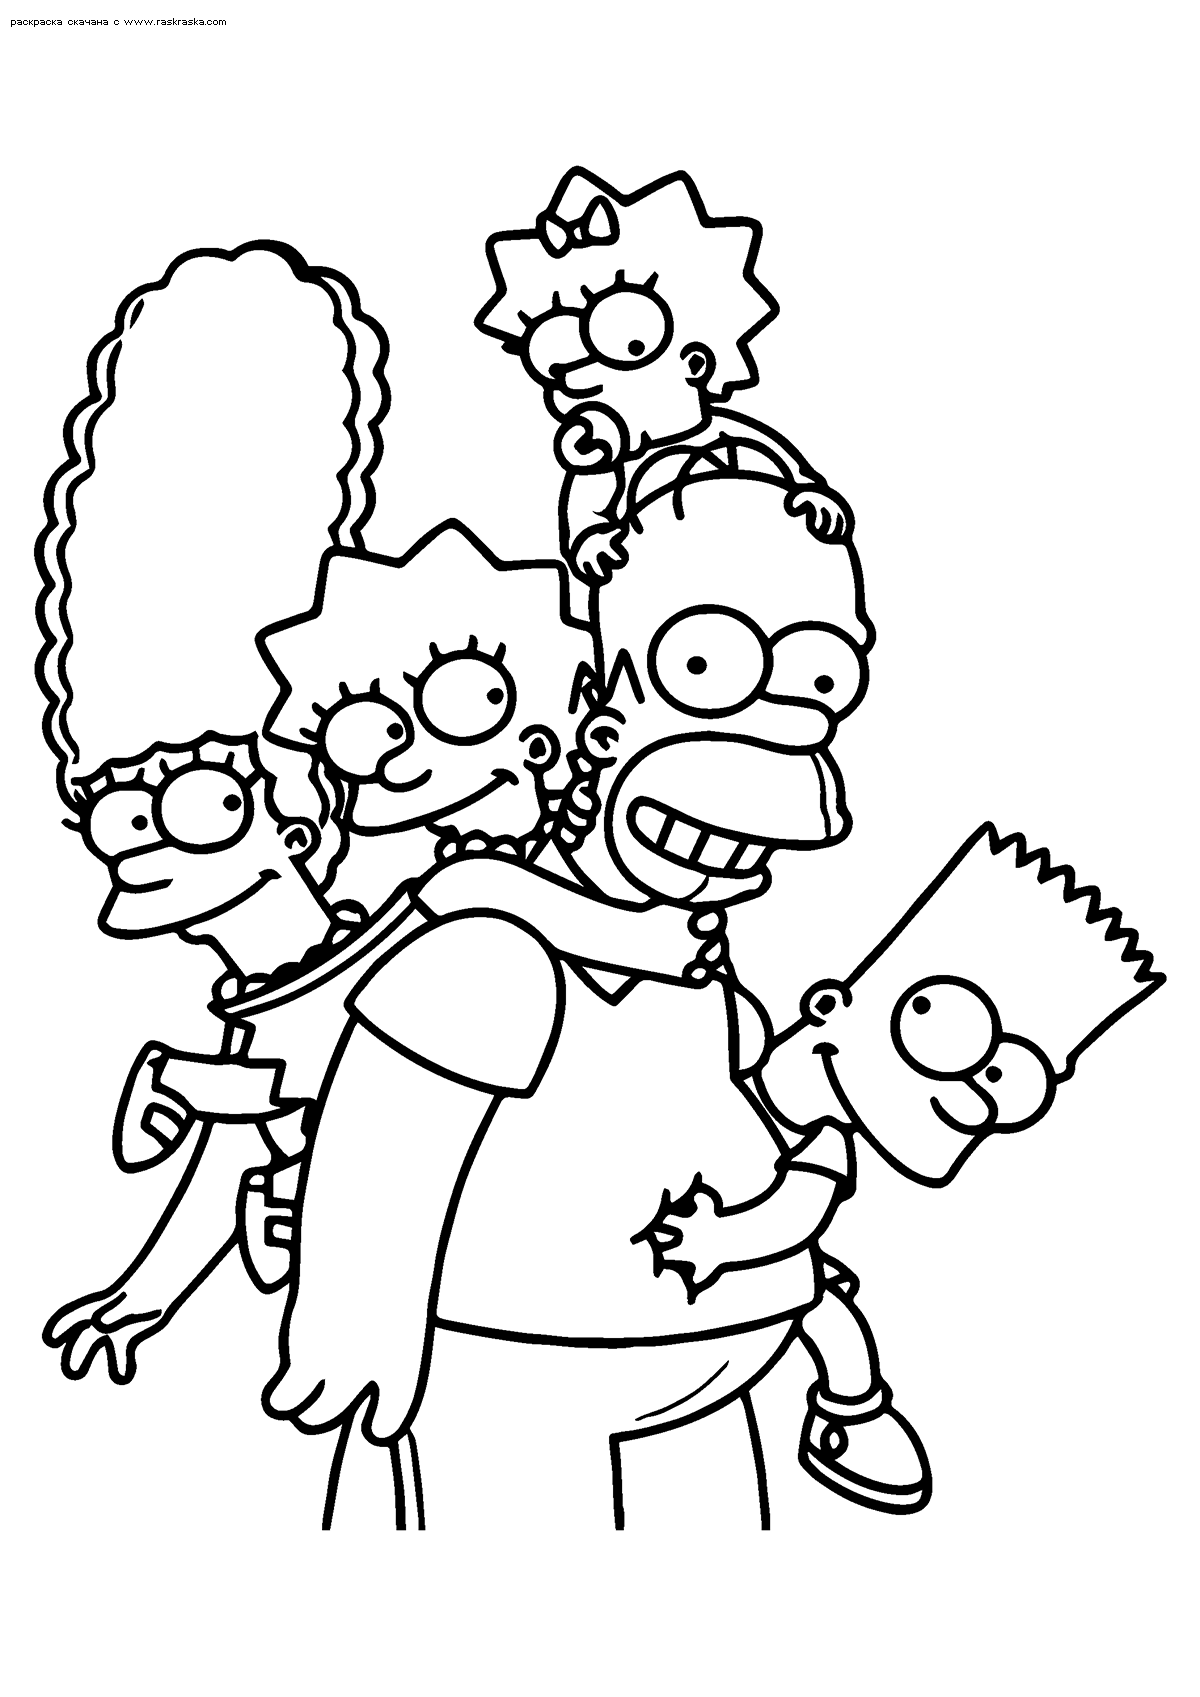 Раскраска Семейство Симпсонов. Раскраска Симпсоны, семья